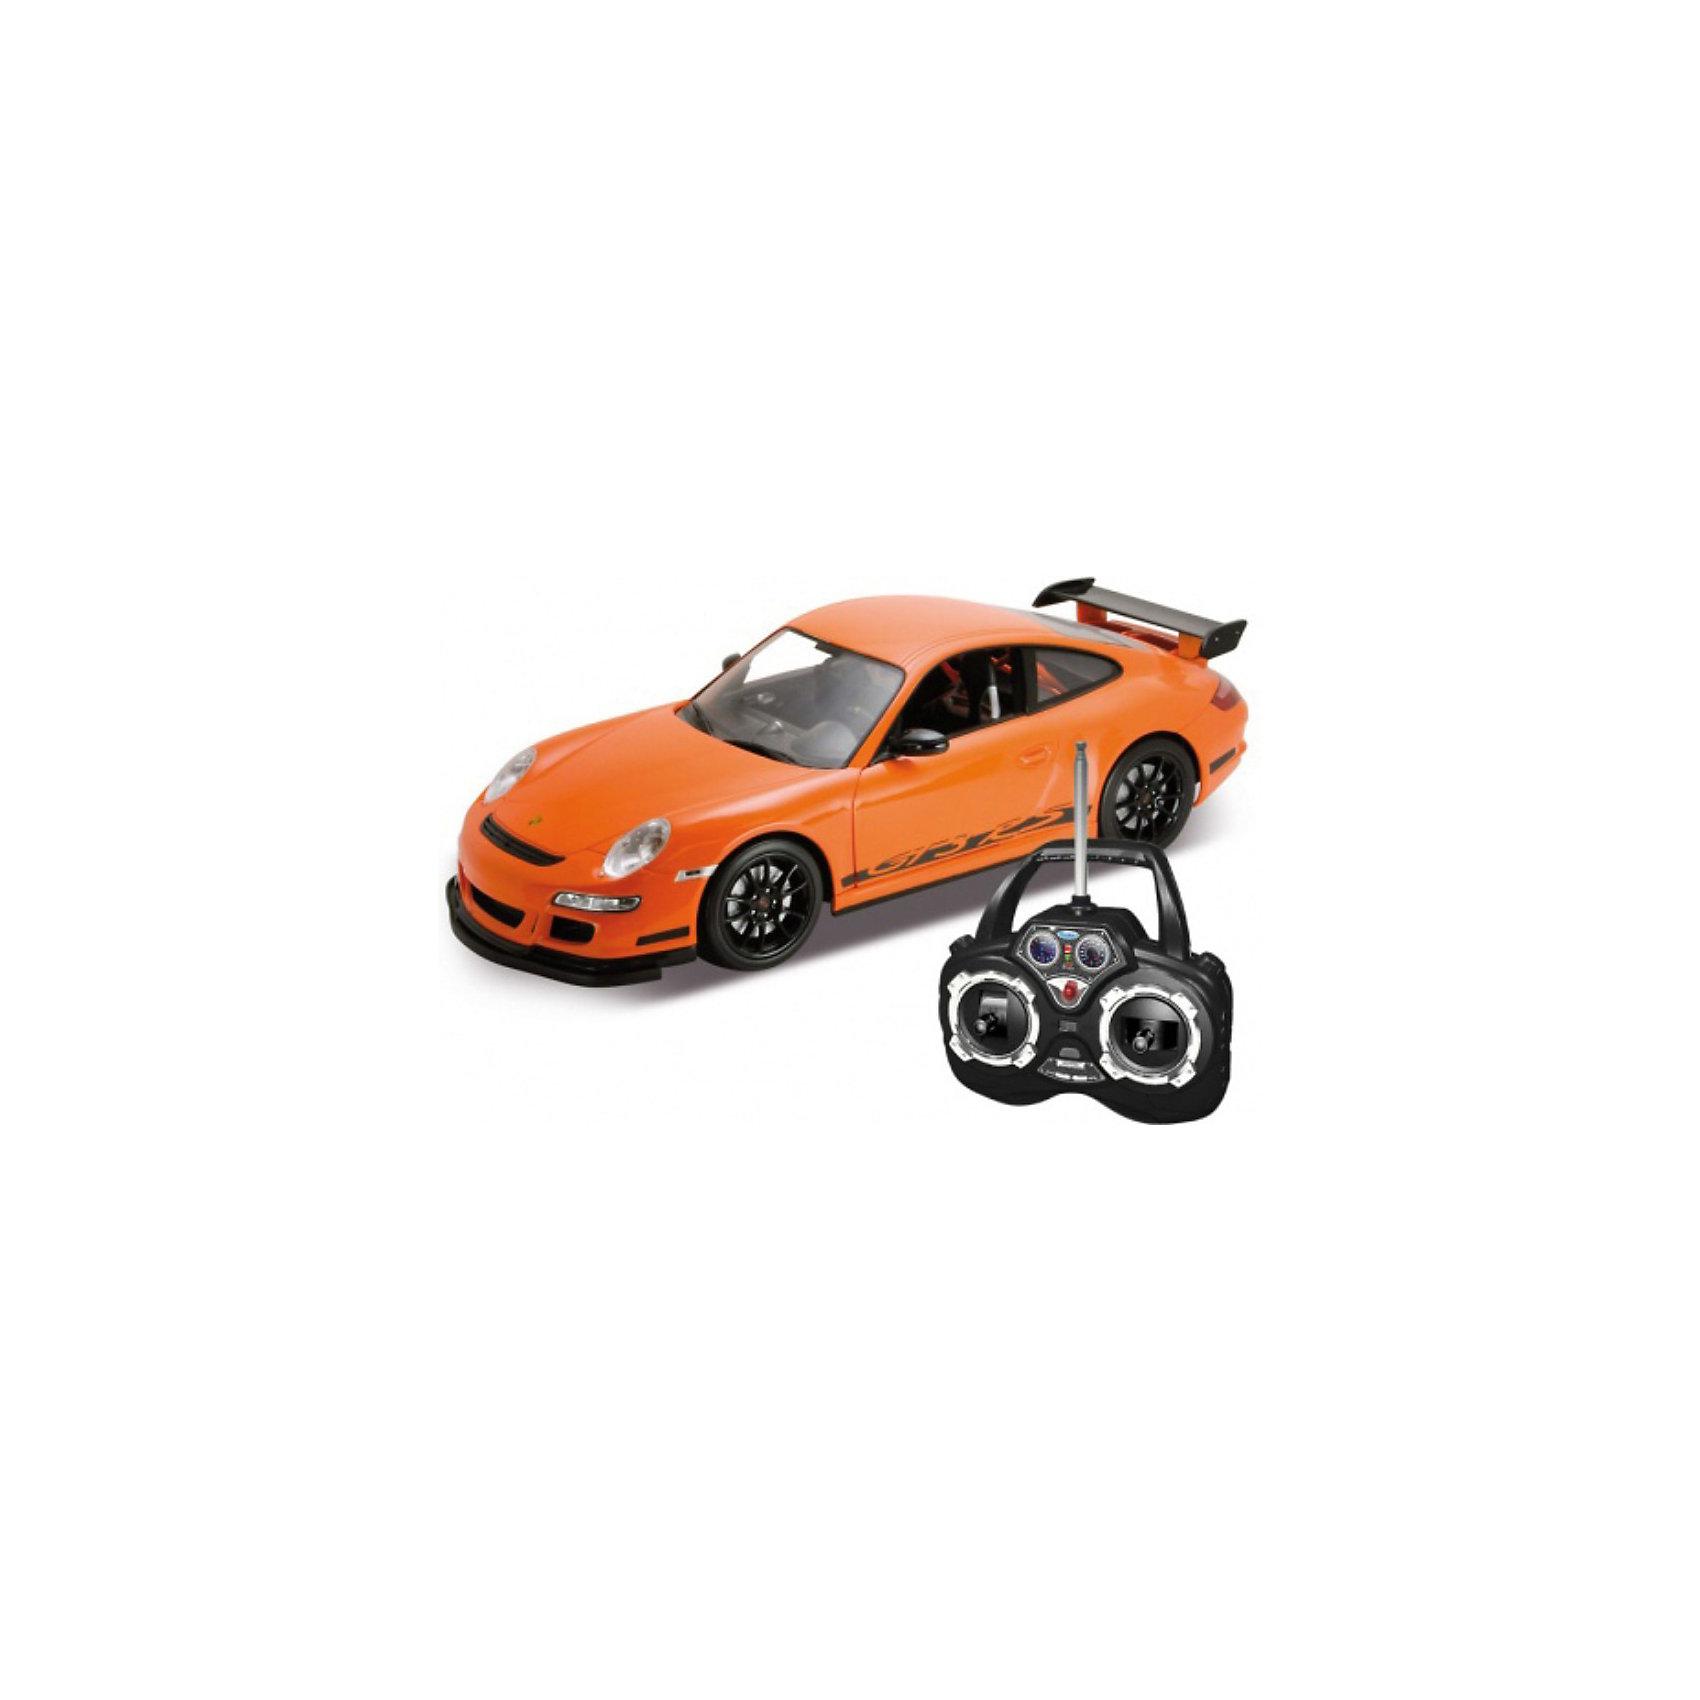 Модель машины 1:12 PORSCHE GT3, на радиоуправлении, WellyМодель машины Porsche GT3 от Welly (Велли) на радиоуправлении станет отличным подарком для всех юных автолюбителей, это замечательная игрушка для активных подвижных игр, с которой можно играть как дома, так и на улице. В коллекции масштабных моделей Welly представлено все многообразие автотехники: ретро-автомобили, легковые автомобили различных марок, грузовики, автомобили на радиоуправлении и многое другое. Все машинки отличаются высокой степенью детализации и тщательной проработкой всех элементов.<br><br>Машинка Porsche GT3  представляет собой точную копию настоящего спортивного автомобиля в масштабе 1:12. Модель от Welly оснащена прочным лобовым стеклом и зеркалами заднего вида, интерьер салона и органы управления тщательно проработаны.<br>Автомобиль управляется с помощью пульта радиоуправления, может двигаться с различной скоростью вперёд, назад, влево, вправо. При движении у машинки загораются фары, с пульта управления можно отрывать двери. Радиус действия пульта управления составляет около 30 м.<br><br>Дополнительная информация:<br><br>- Материал: пластик.<br>- Масштаб: 1:12.<br>- Требуются батарейки: для машины - 6 х AA / LR6 1.5V, для пульта - 4 х AA / LR6 1.5V (не входят в комплект).<br>- Размер модели: 30 х 11 см. <br>- Размер упаковки: 48 х 22 х 17 см.<br>- Вес: 2 кг. <br><br>Модель машины Porsche GT3 на радиоуправлении, Welly можно купить в нашем интернет-магазине.<br><br>Ширина мм: 480<br>Глубина мм: 225<br>Высота мм: 175<br>Вес г: 1930<br>Возраст от месяцев: 36<br>Возраст до месяцев: 192<br>Пол: Мужской<br>Возраст: Детский<br>SKU: 3777930